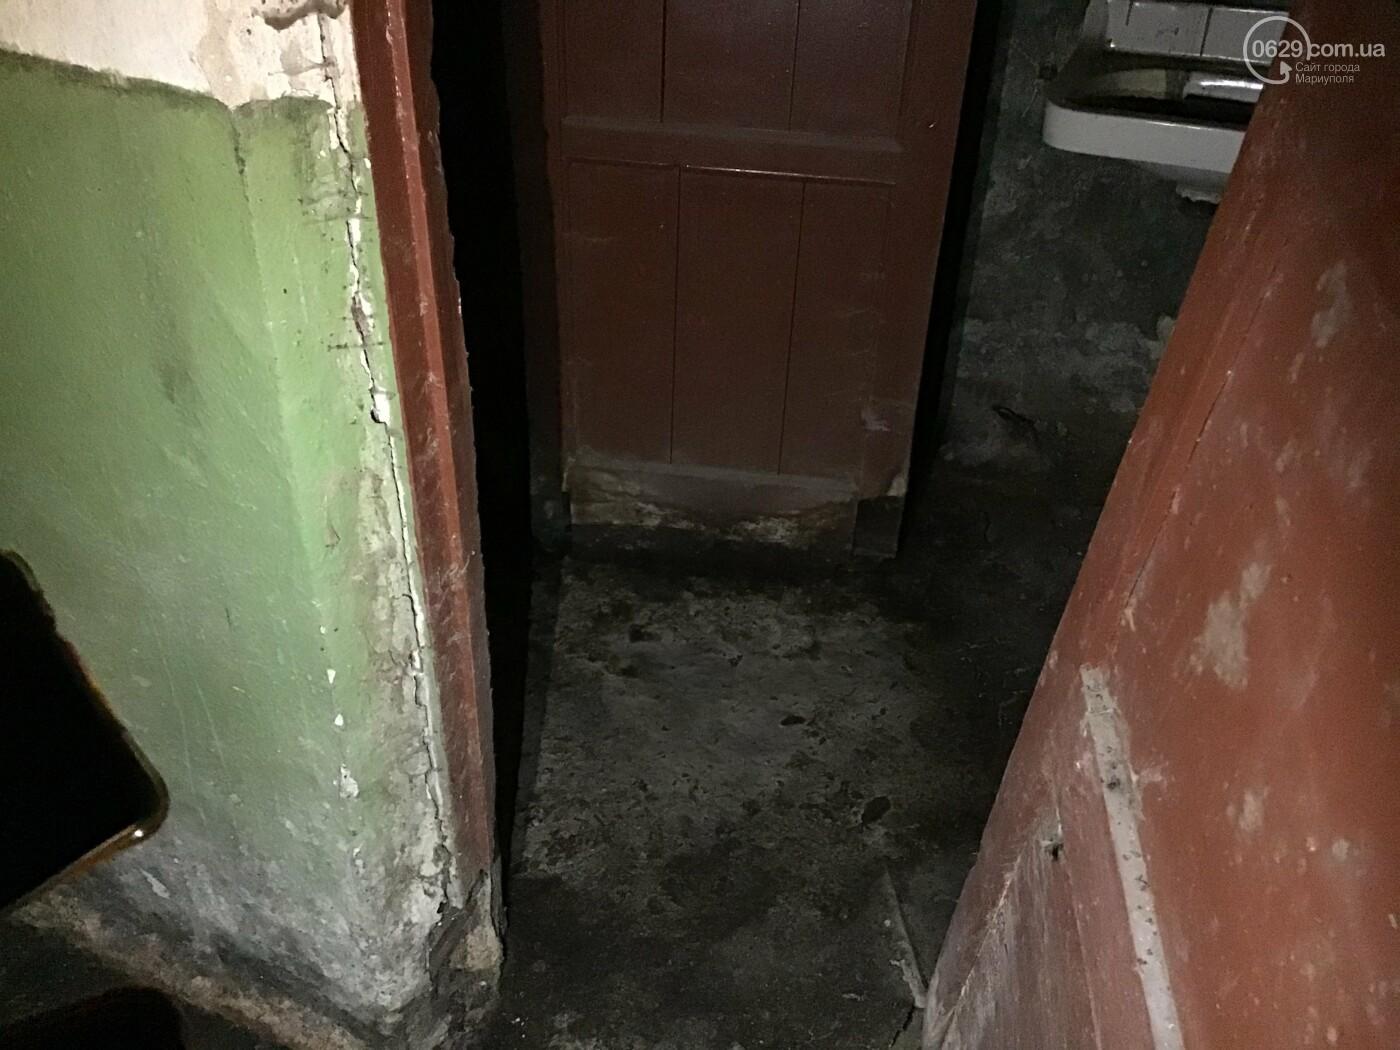 """От жэка - к ОСМД, или Как в Мариуполе """"реформируют"""" старые многоэтажки, - ФОТО, ВИДЕО, фото-24"""